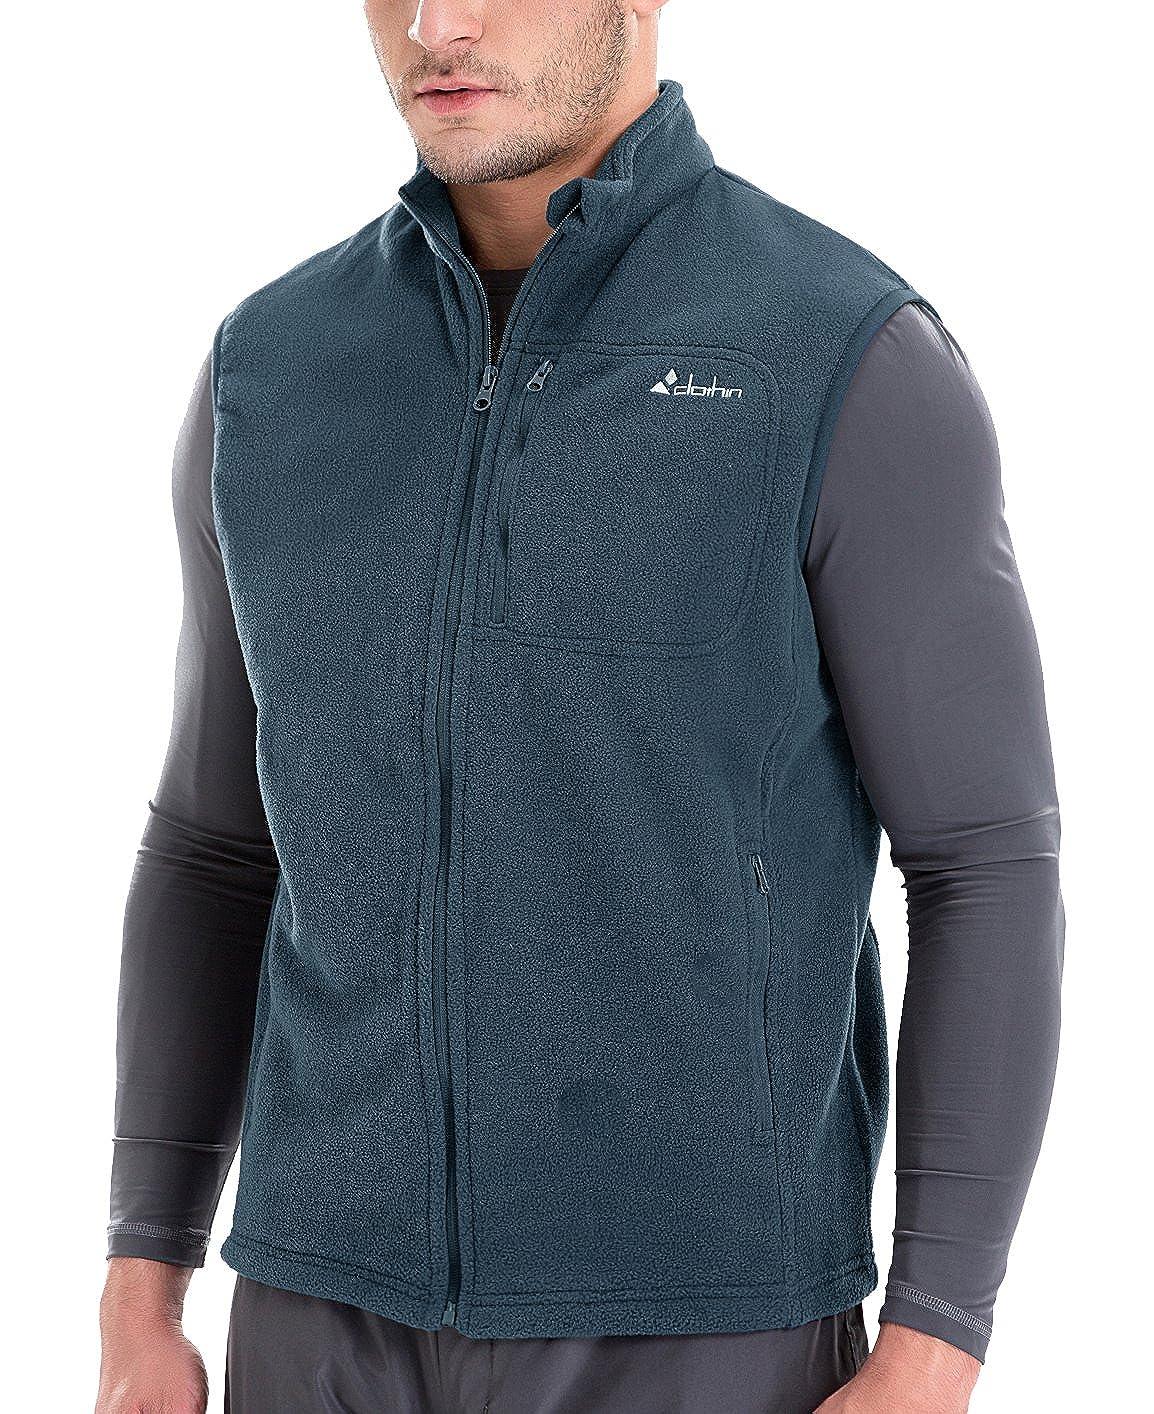 Clothin Men/Women Full Zip Fleece Vest CV15001M